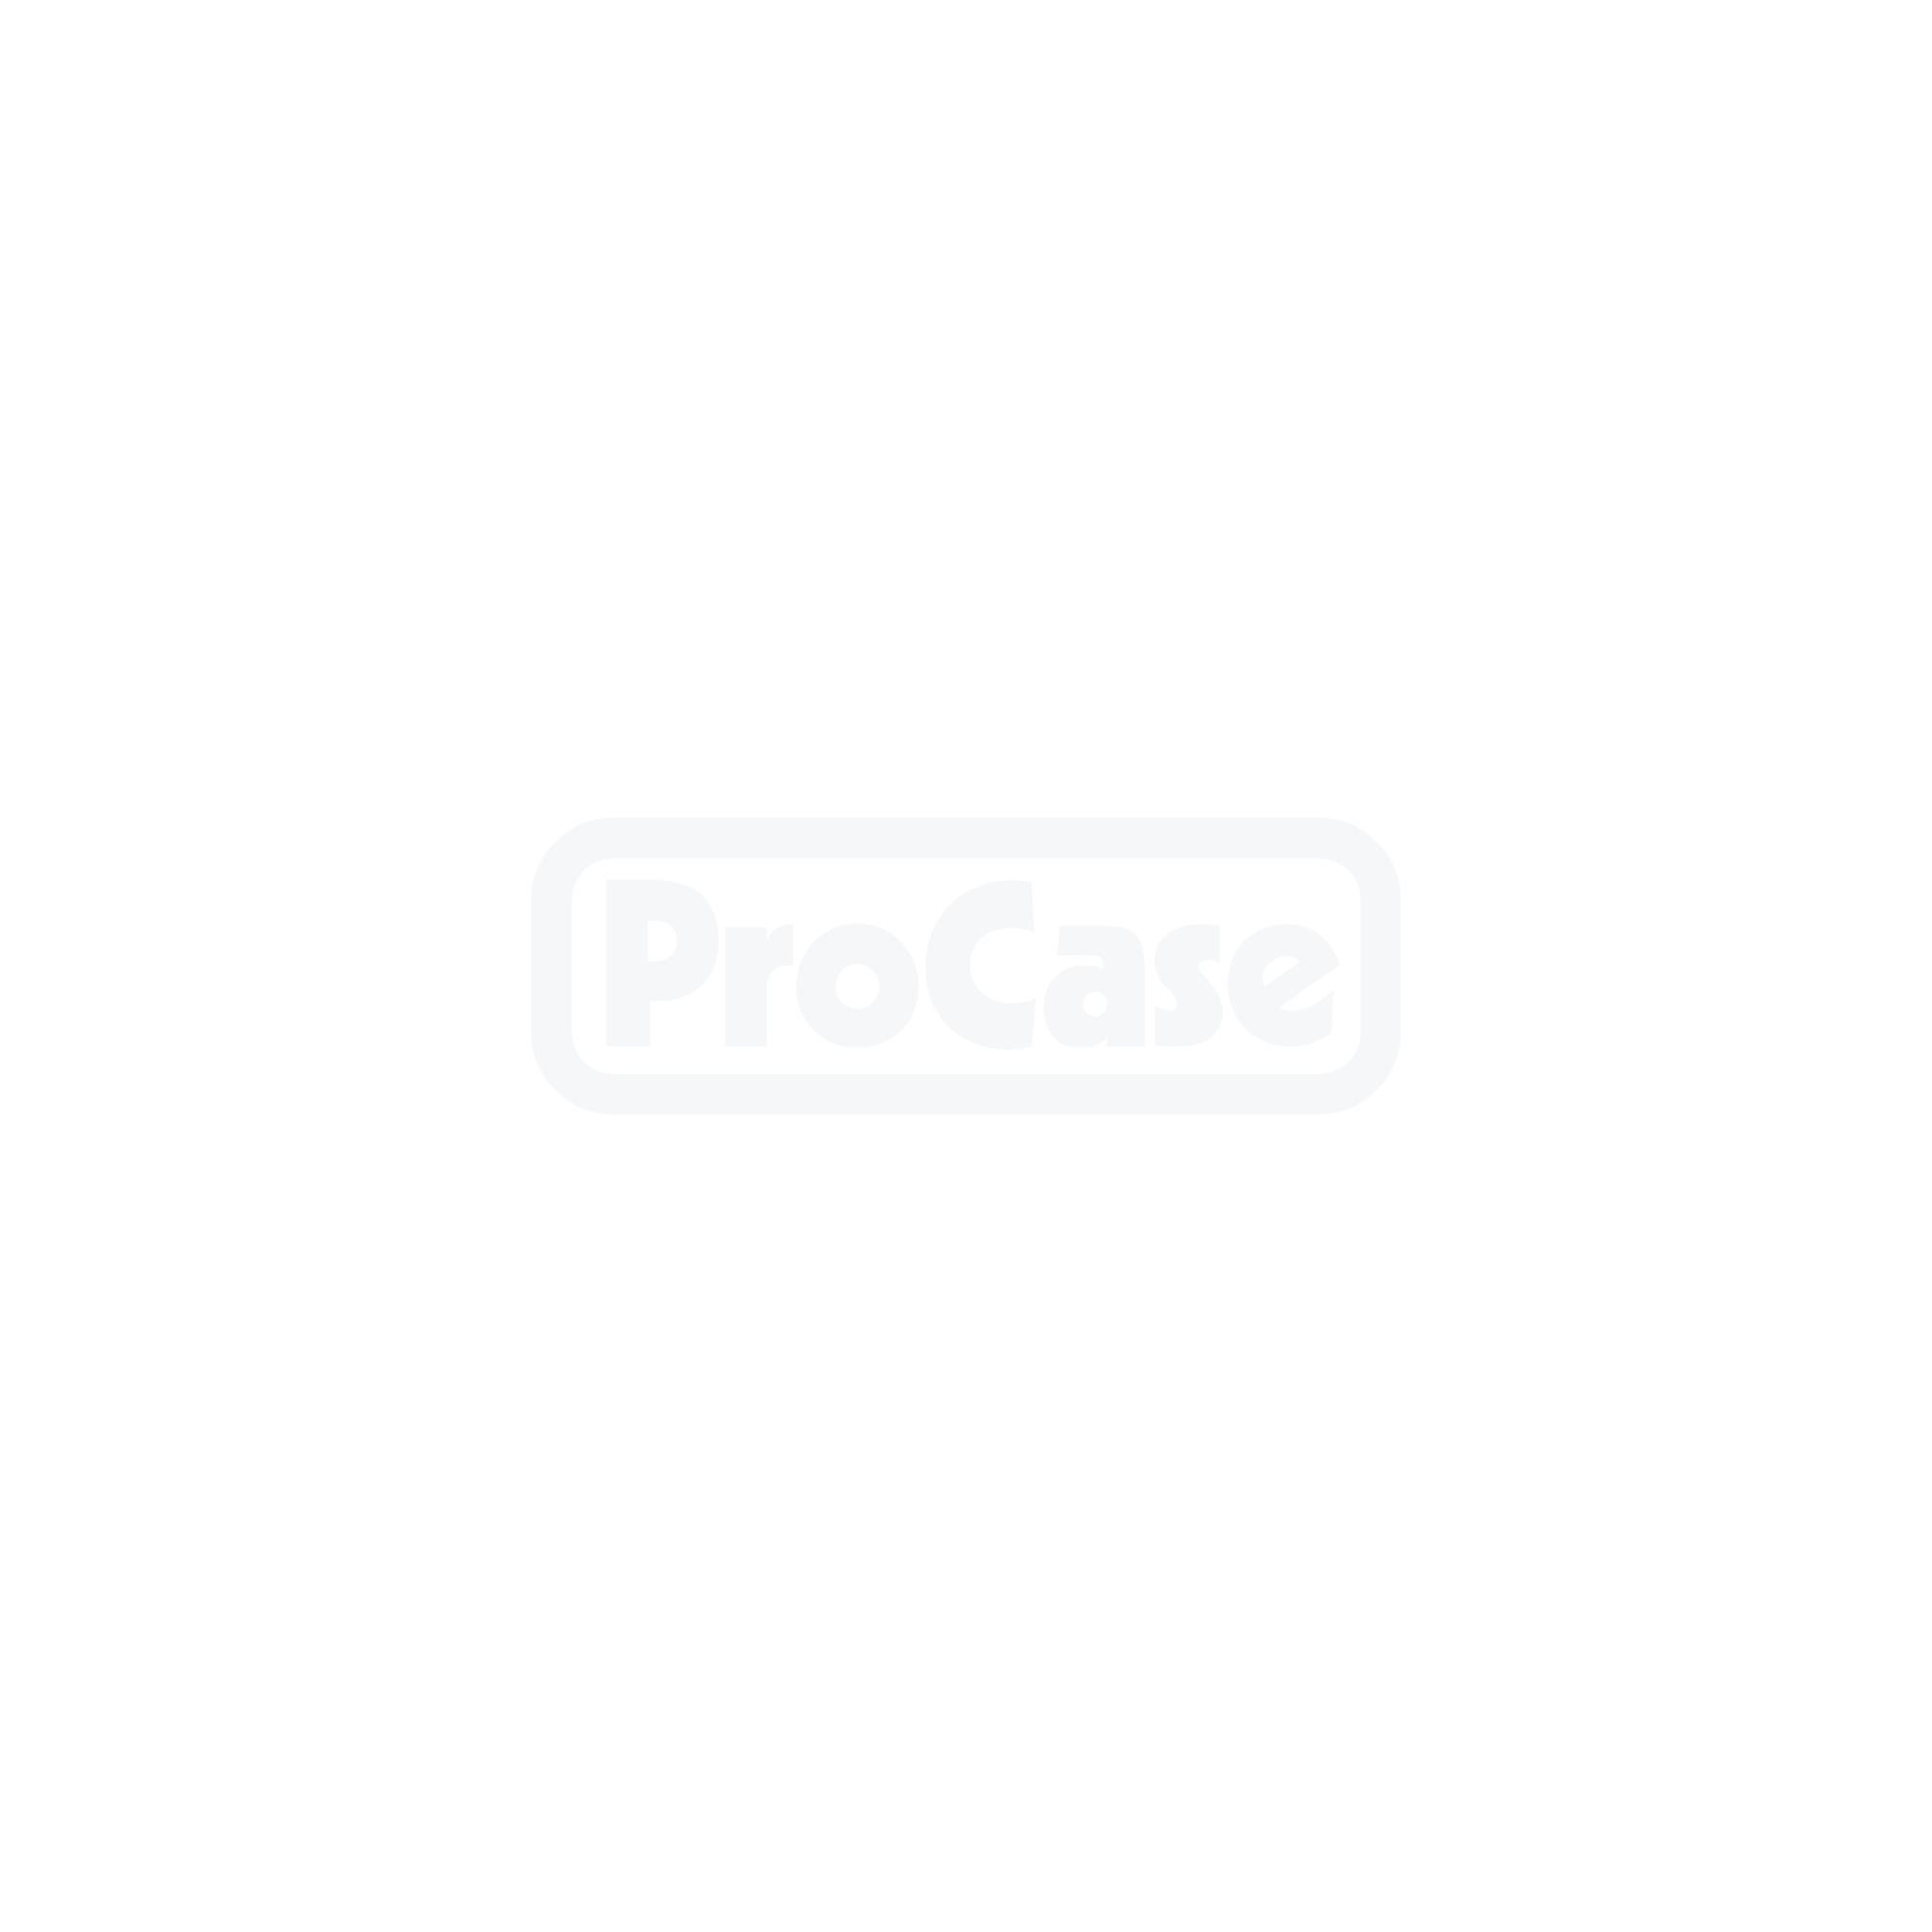 Flightcase für LG 47LD450 mit Wandhalterung 3